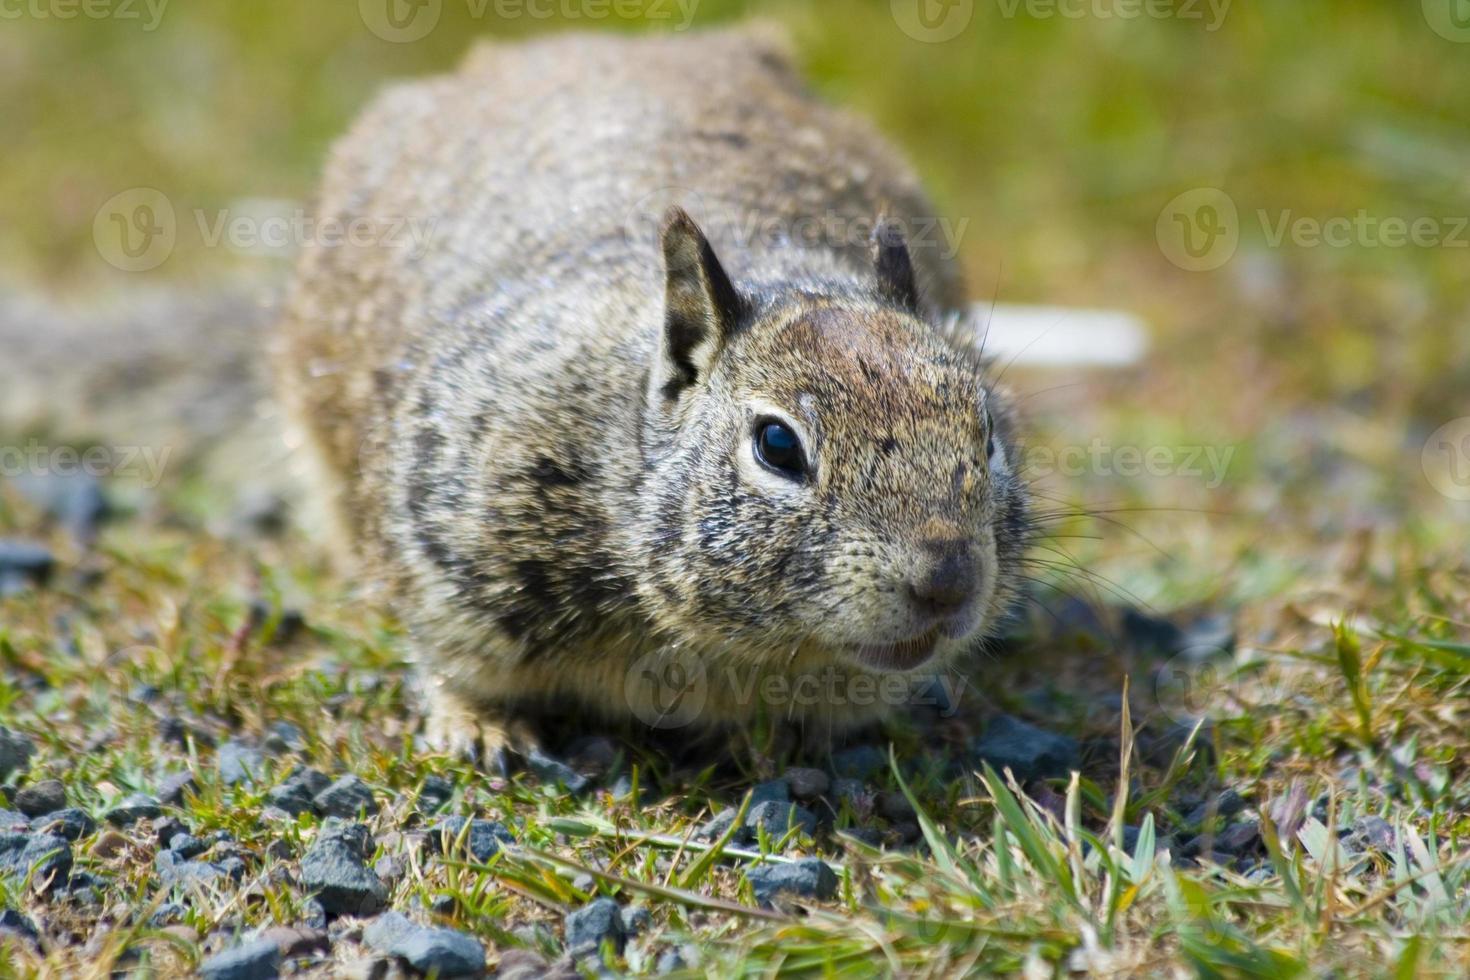 Ground Squirrel photo